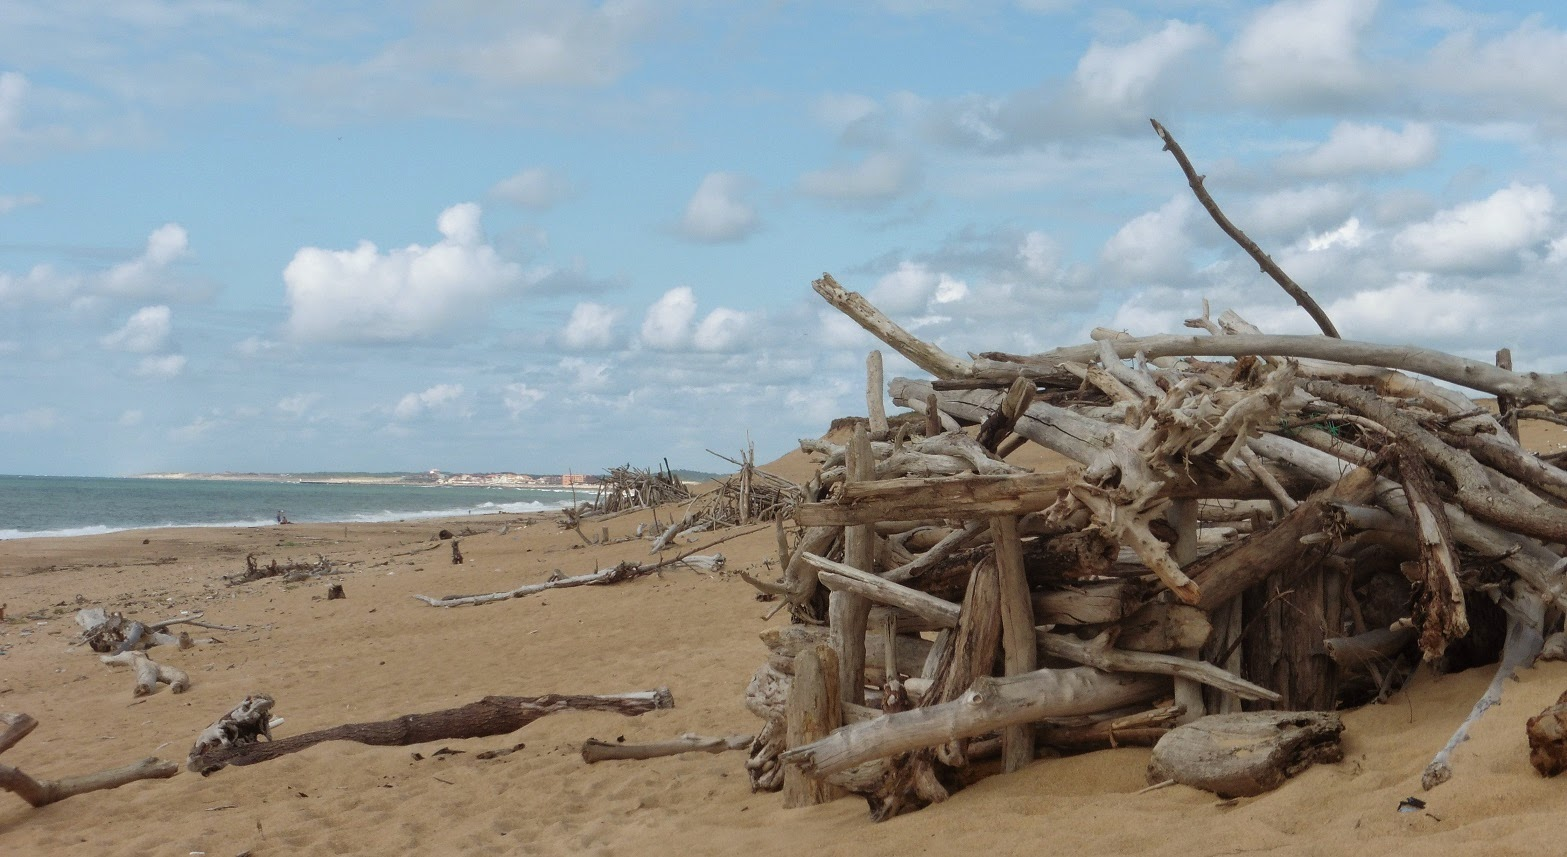 Sur Quelle Plage Trouver Du Bois Flotté le p'tit atelier de pat.: les plages des landes